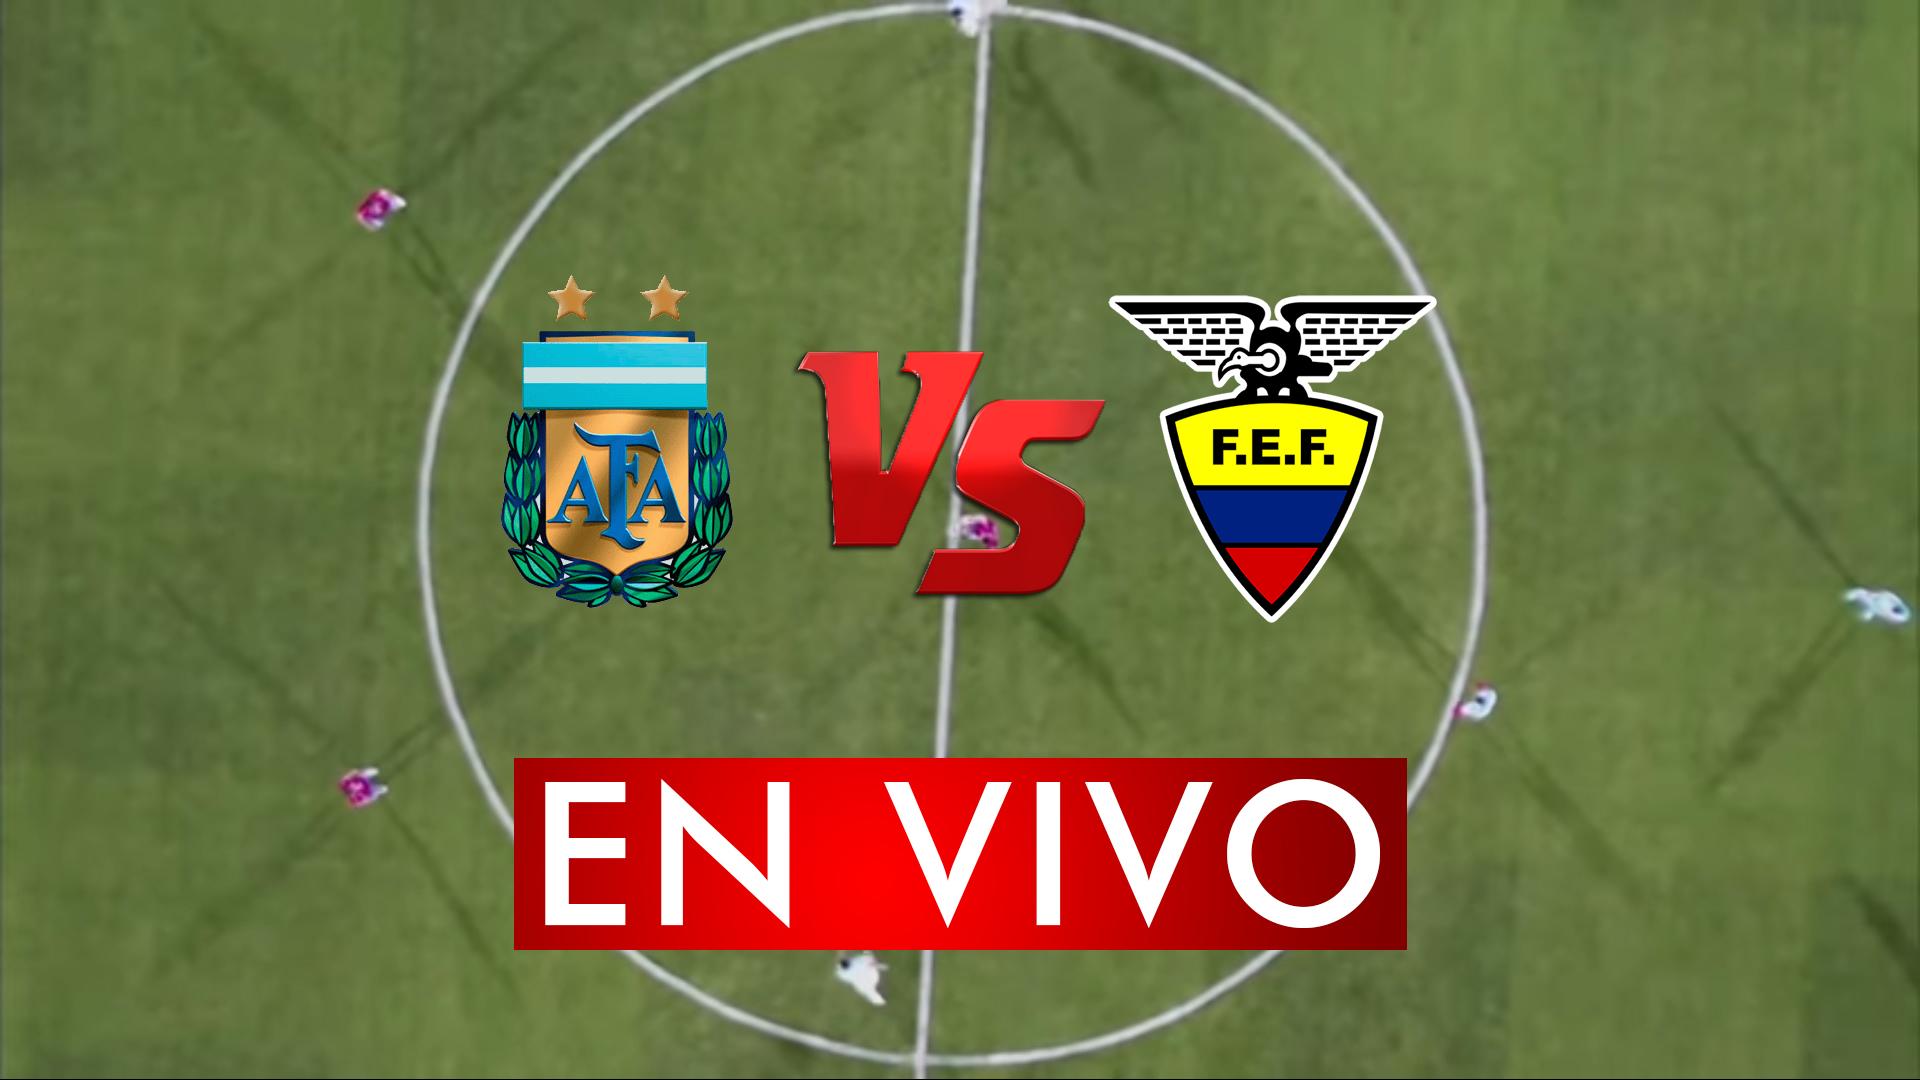 Argentina vs Ecuador En Vivo Online Live Preolimpico 2020